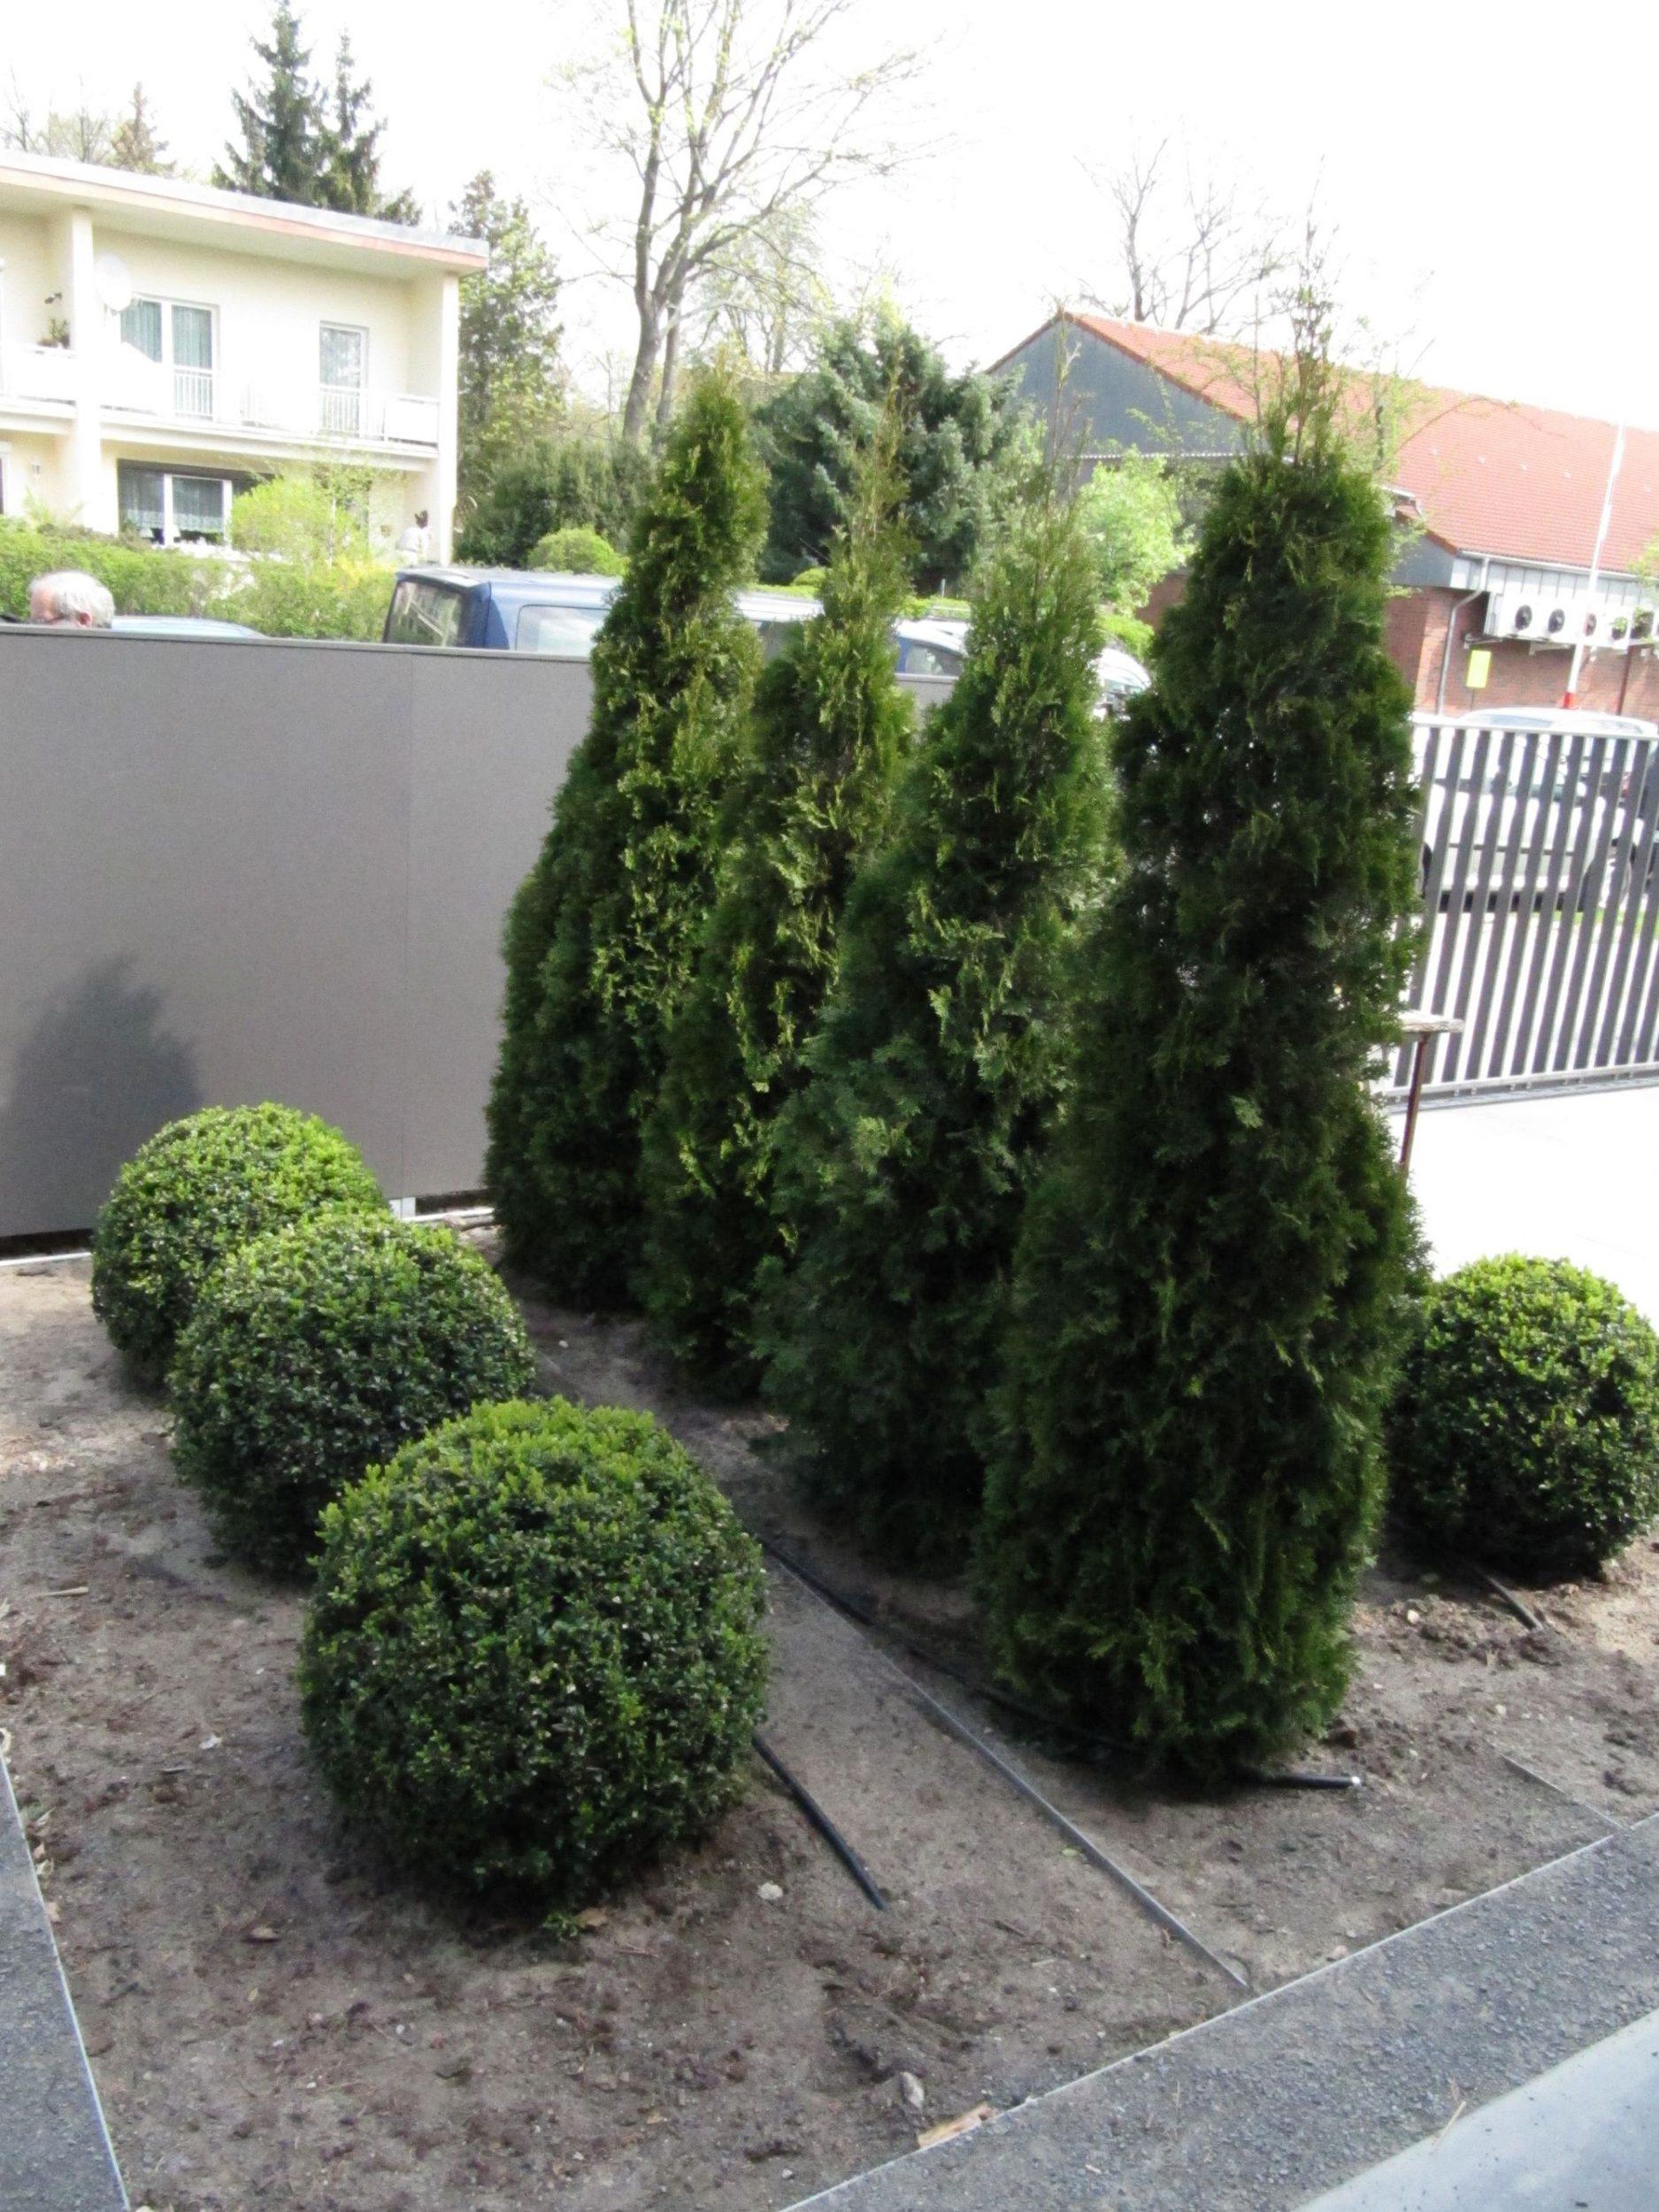 Gartengestaltung in Berlin und Brandenburg: Kombination aus Immergrünen Gehölzen, Stauden und Blütensträucher